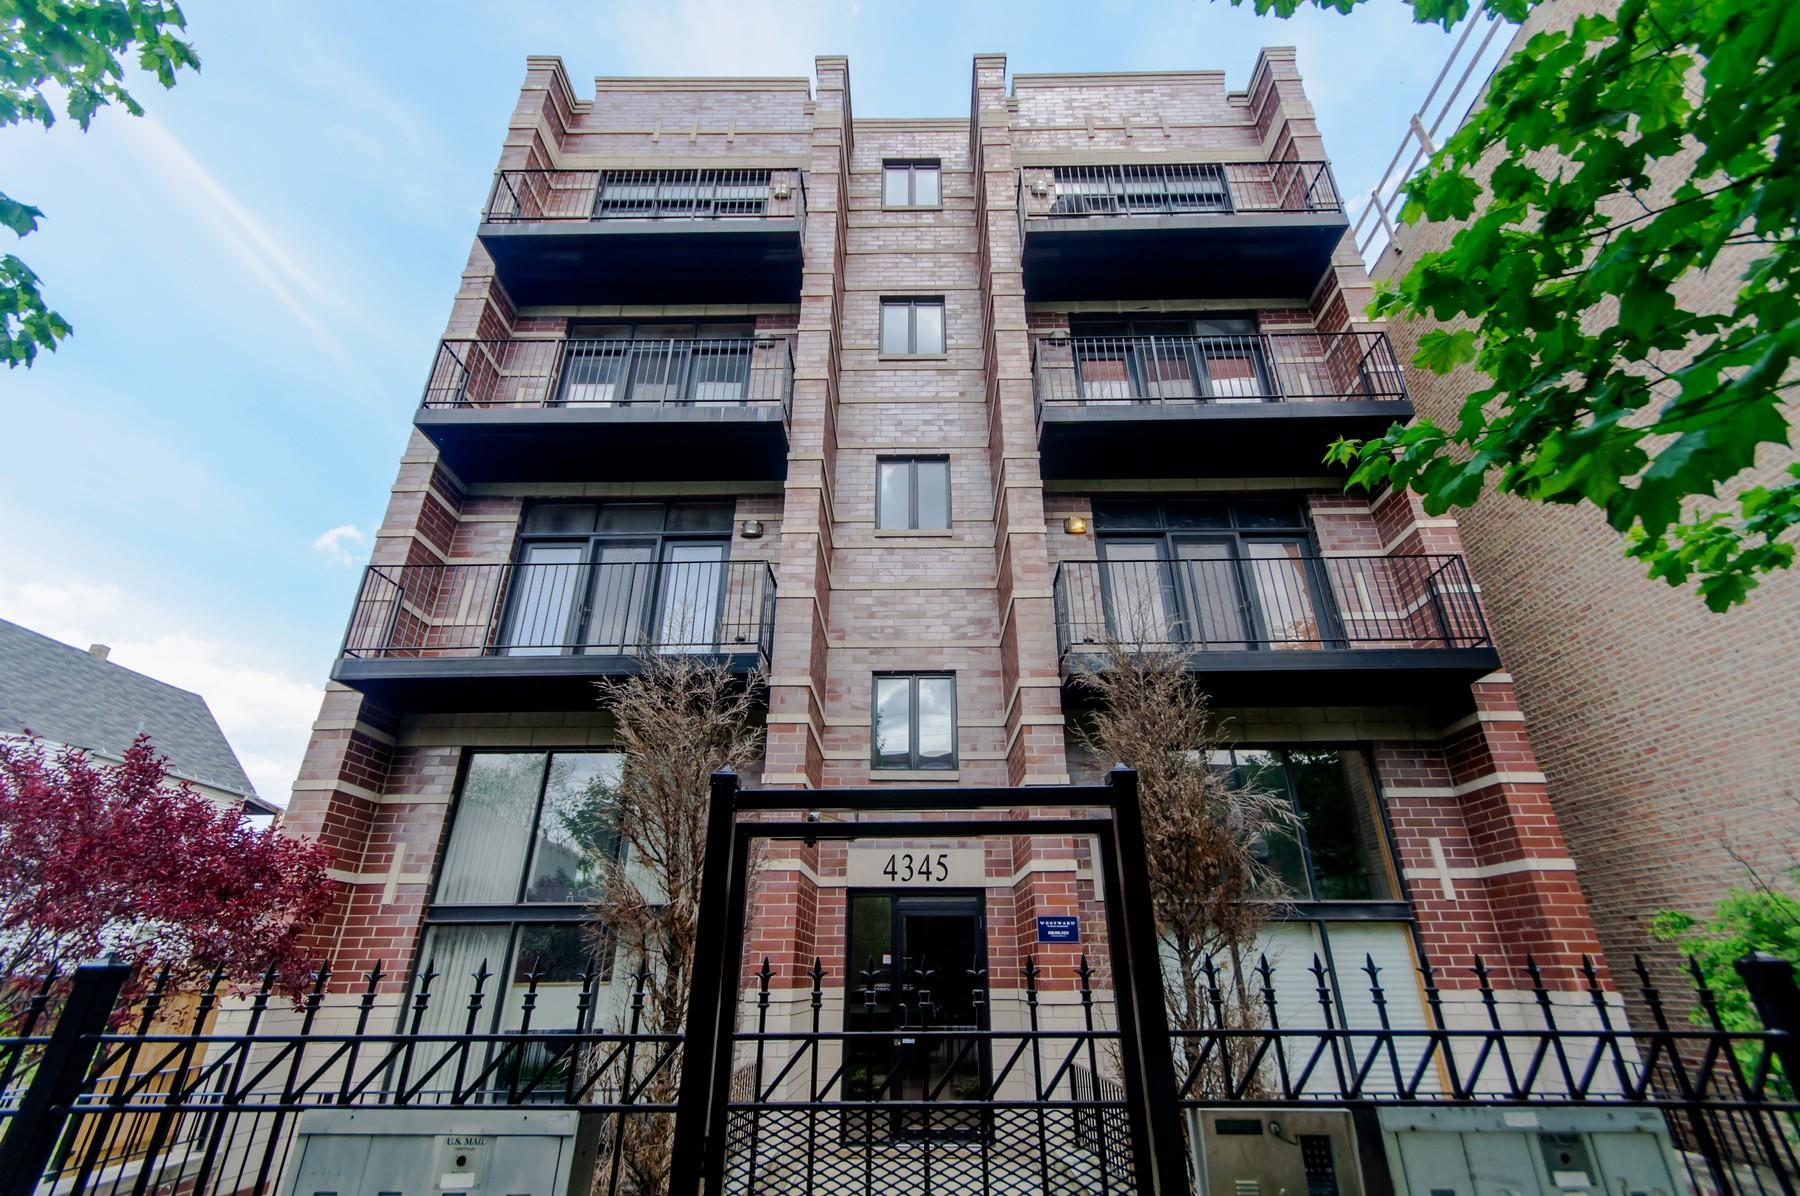 단독 가정 주택 용 매매 에 Stunning Penthouse 4345 S Indiana Avenue Unit 4N Chicago, 일리노이즈, 60653 미국